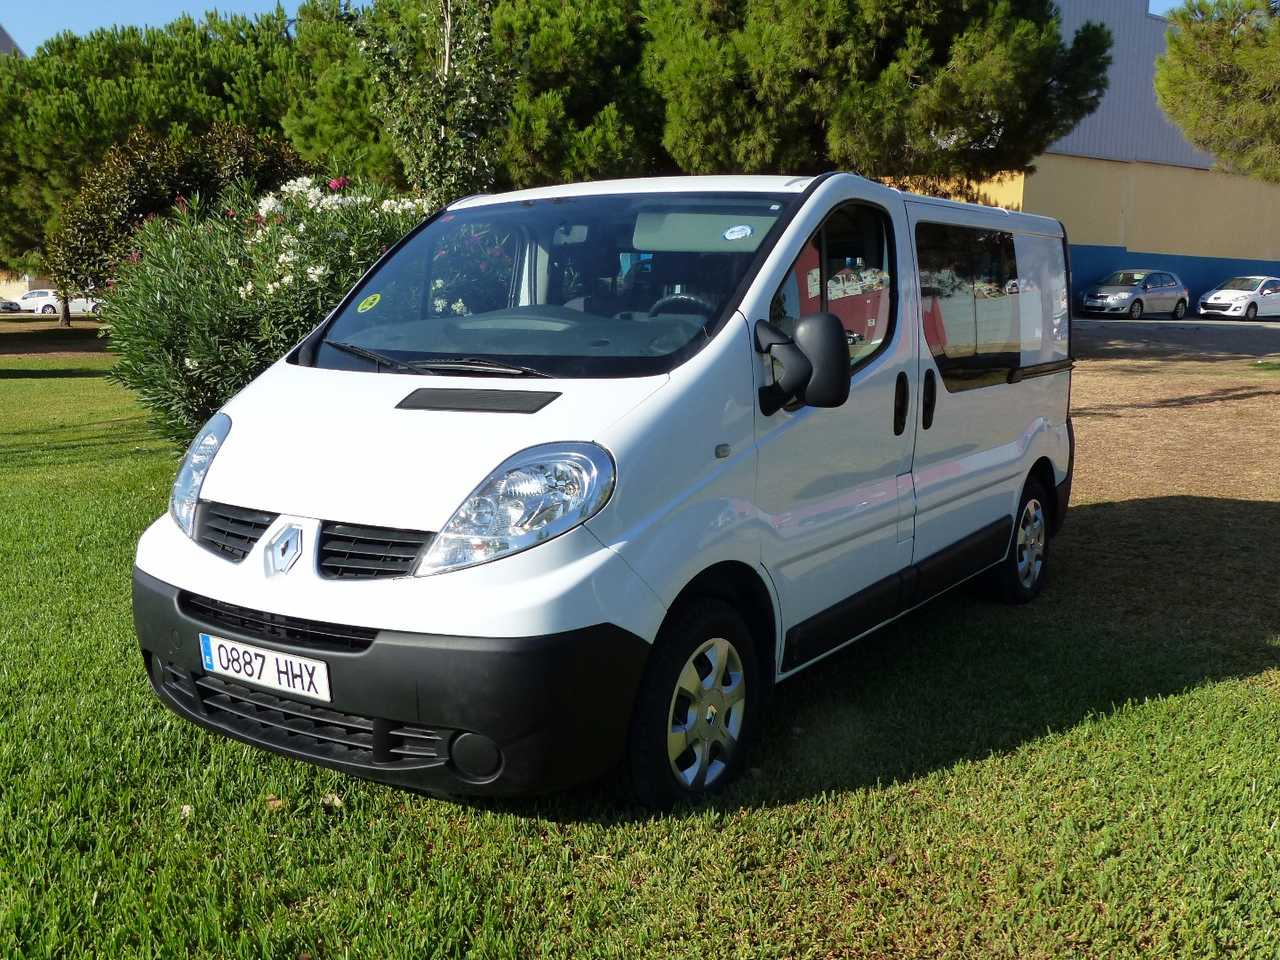 Renault Trafic 2.0 DCI MIXTA AUTORIZADA A NUEVE PLAZAS CERTIFICADA DE KM Y CARROCERIA  - Foto 1